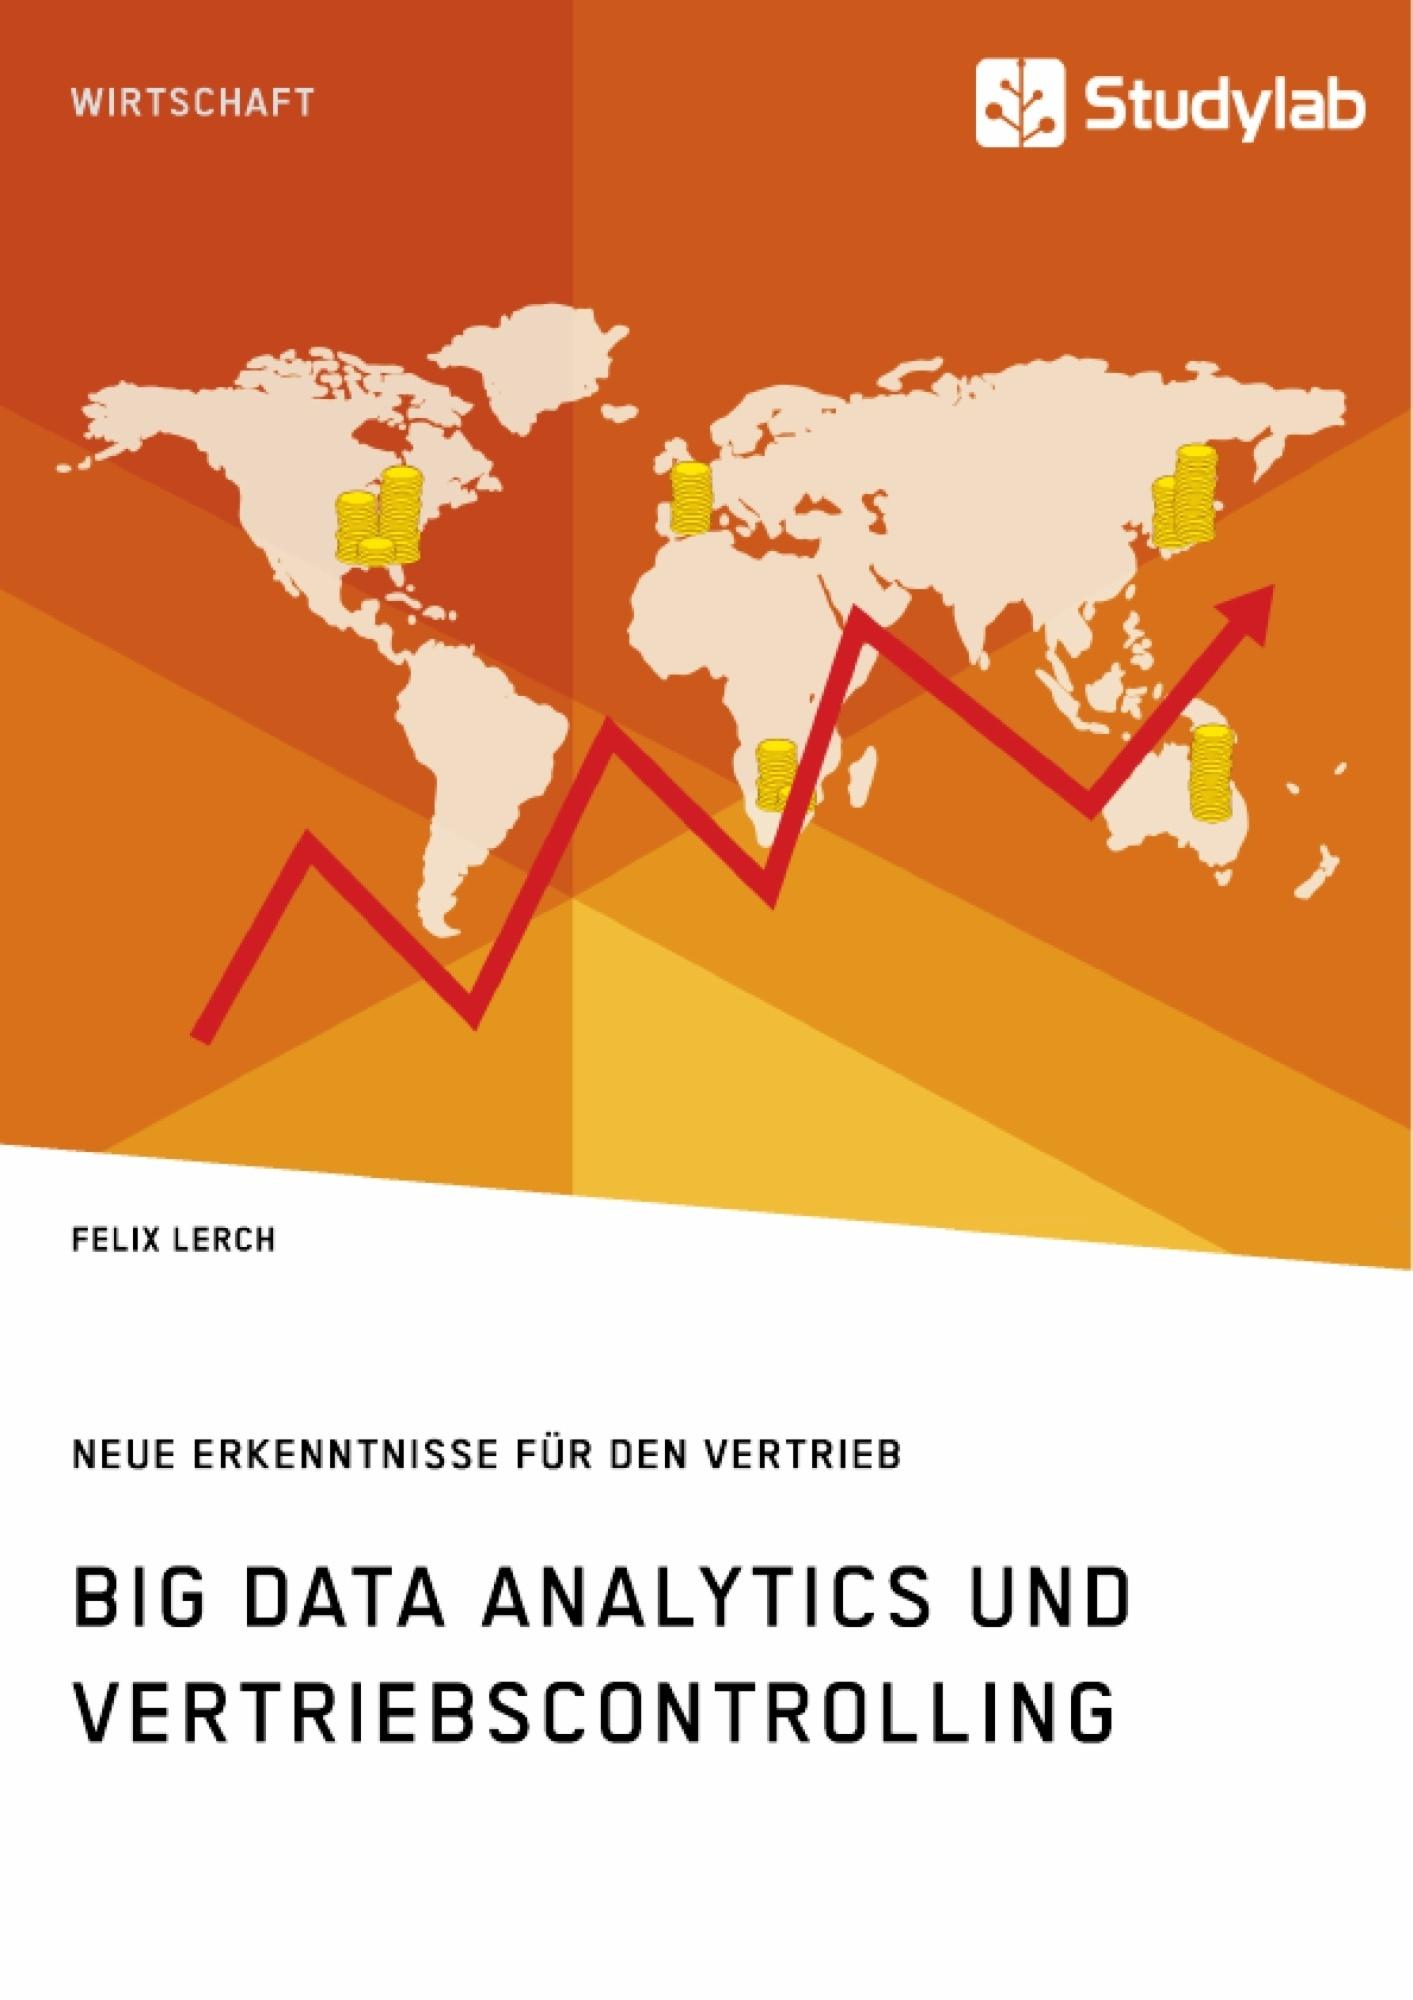 Titel: Big Data Analytics und Vertriebscontrolling. Neue Erkenntnisse für den Vertrieb